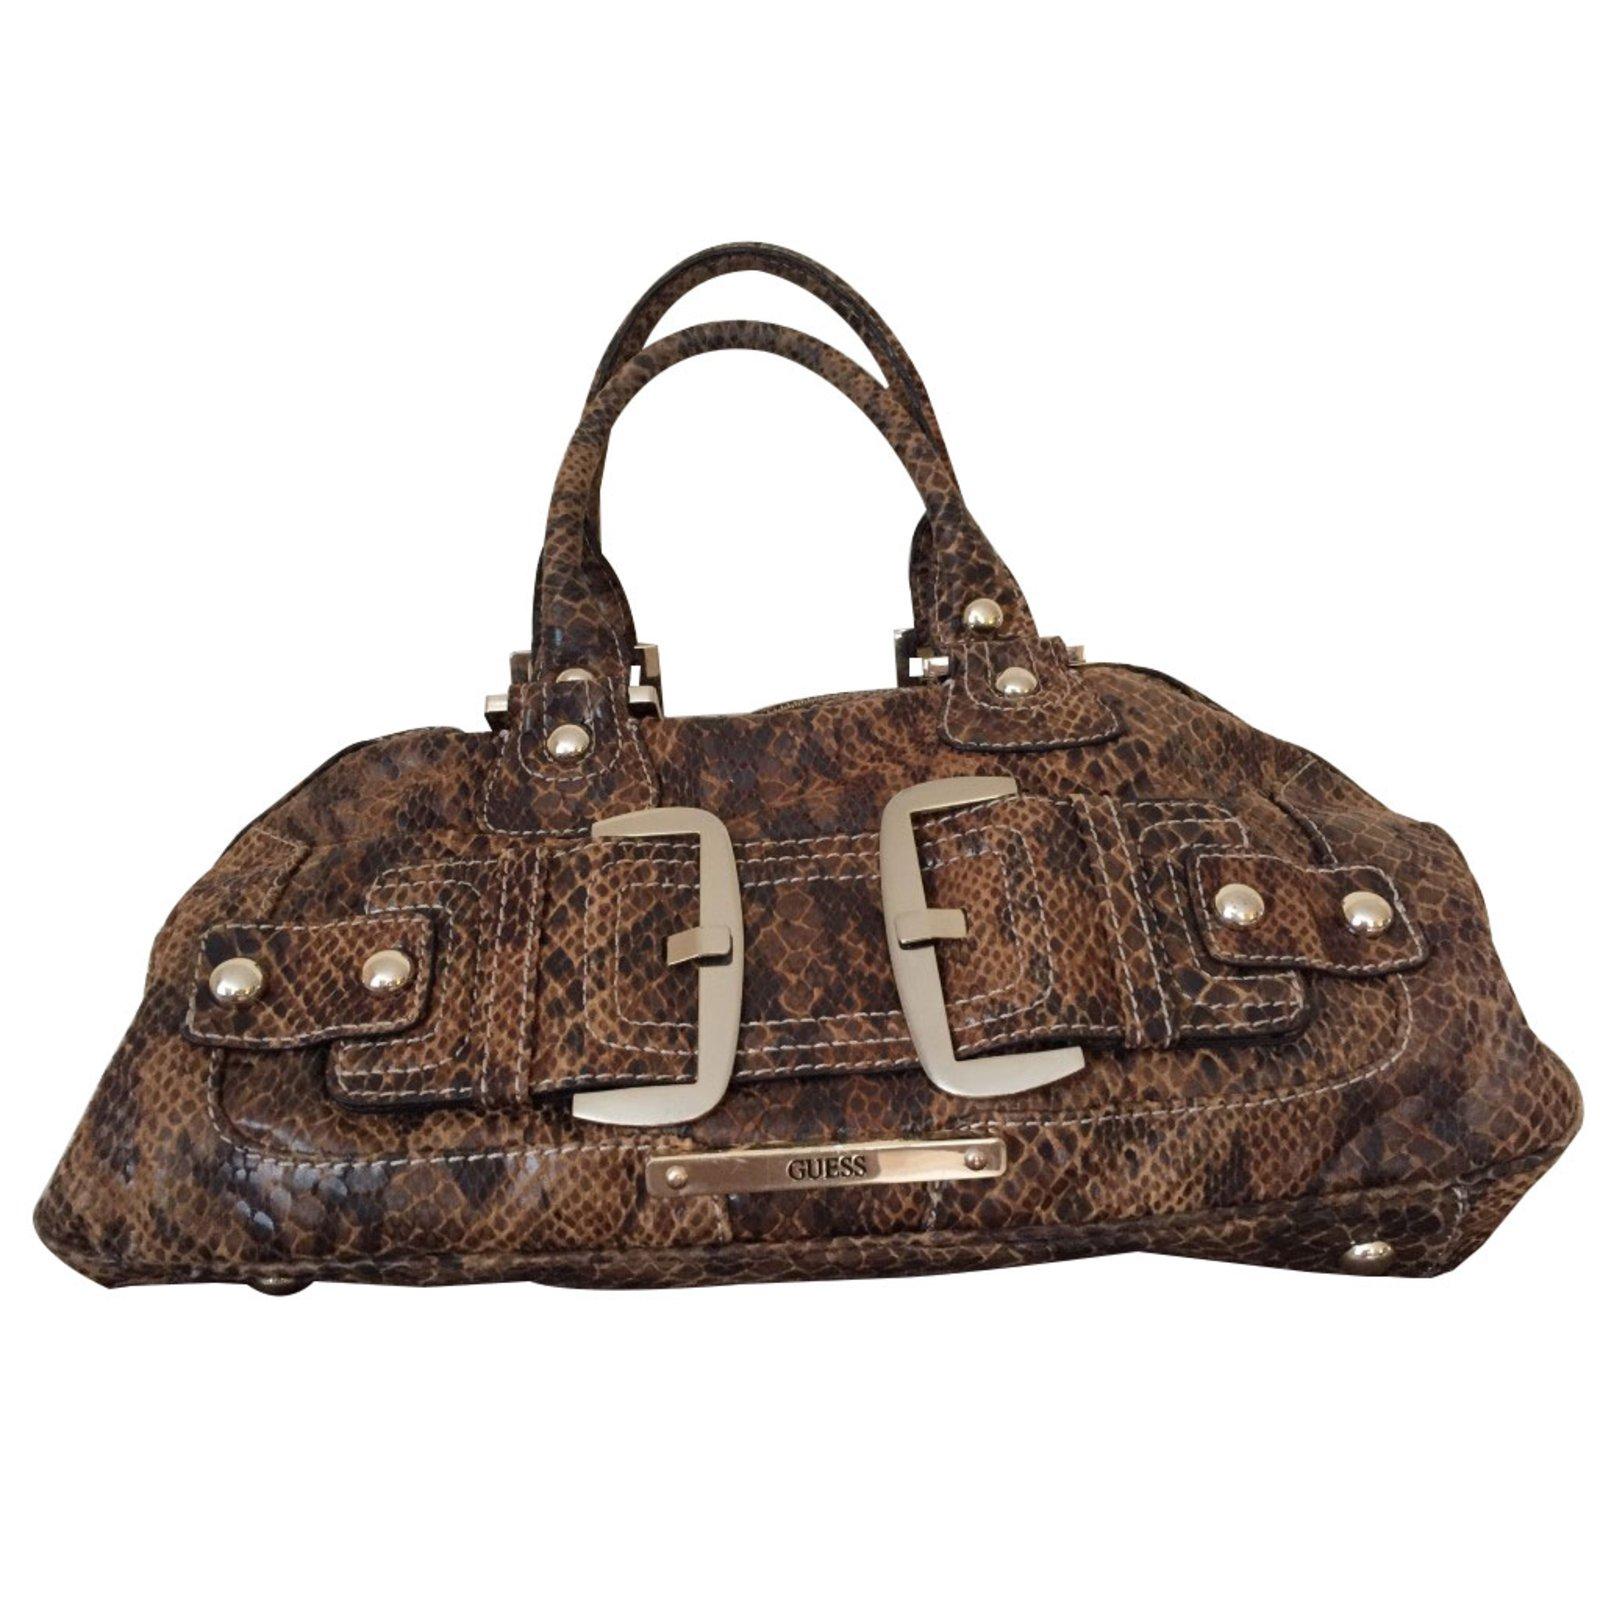 Guess Handbags India